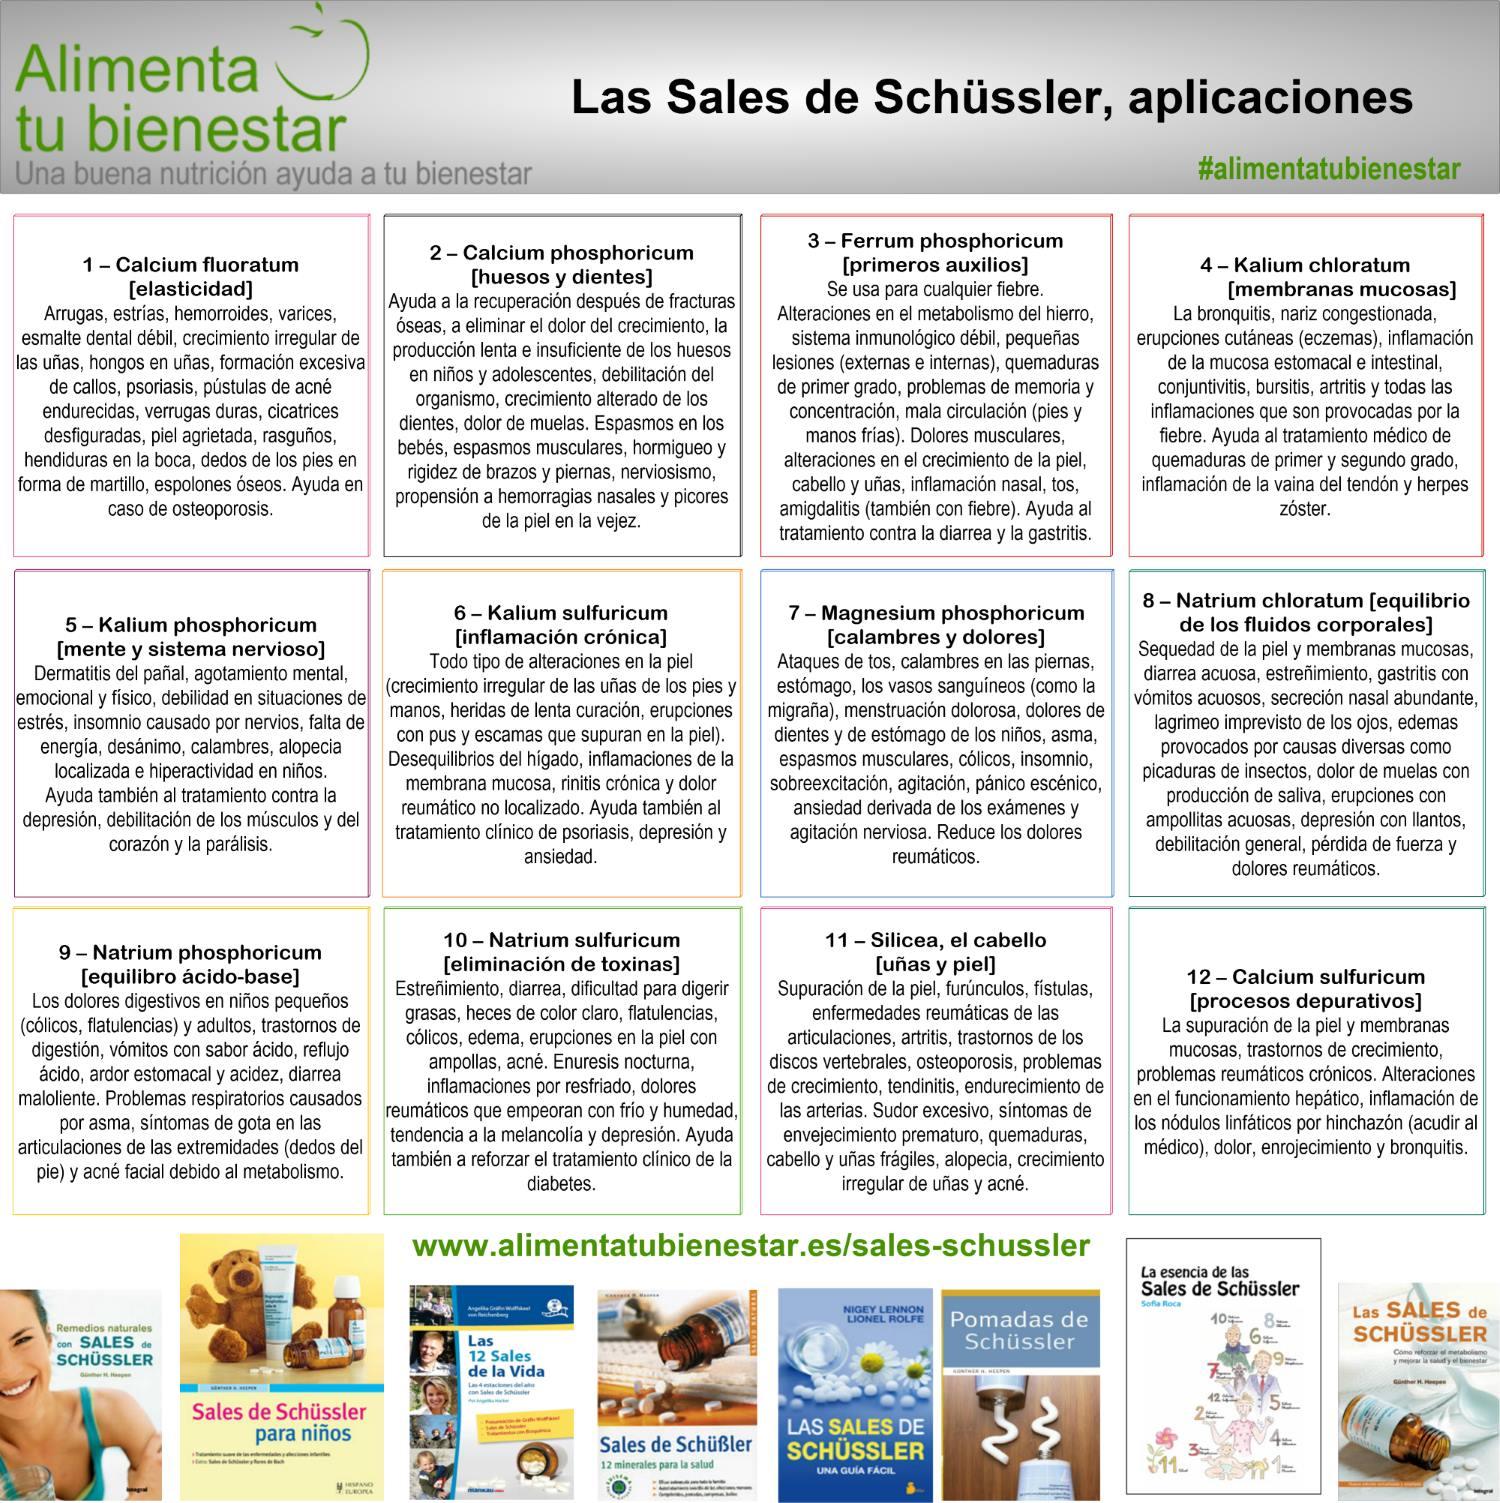 Las 12 sales del Dr. Schüssler